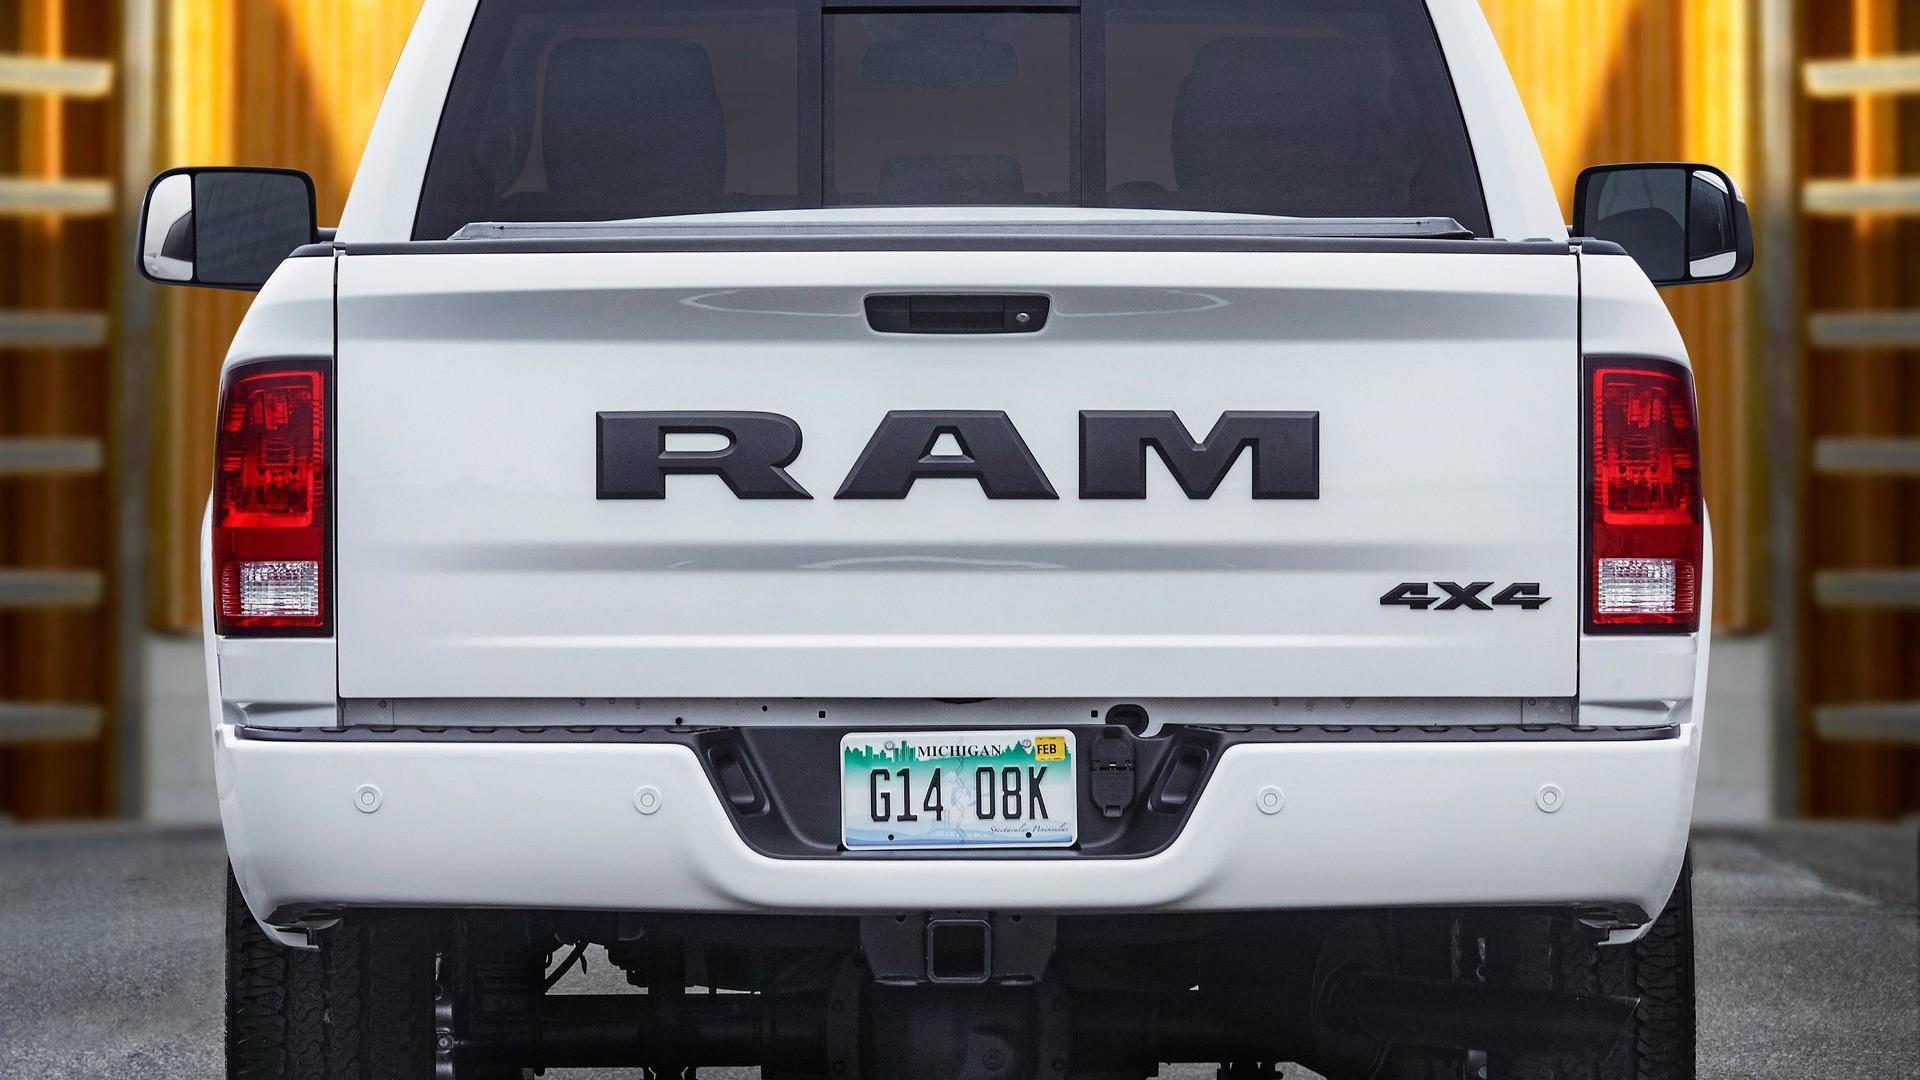 2017 Ram 2500/3500 Heavy Duty Night